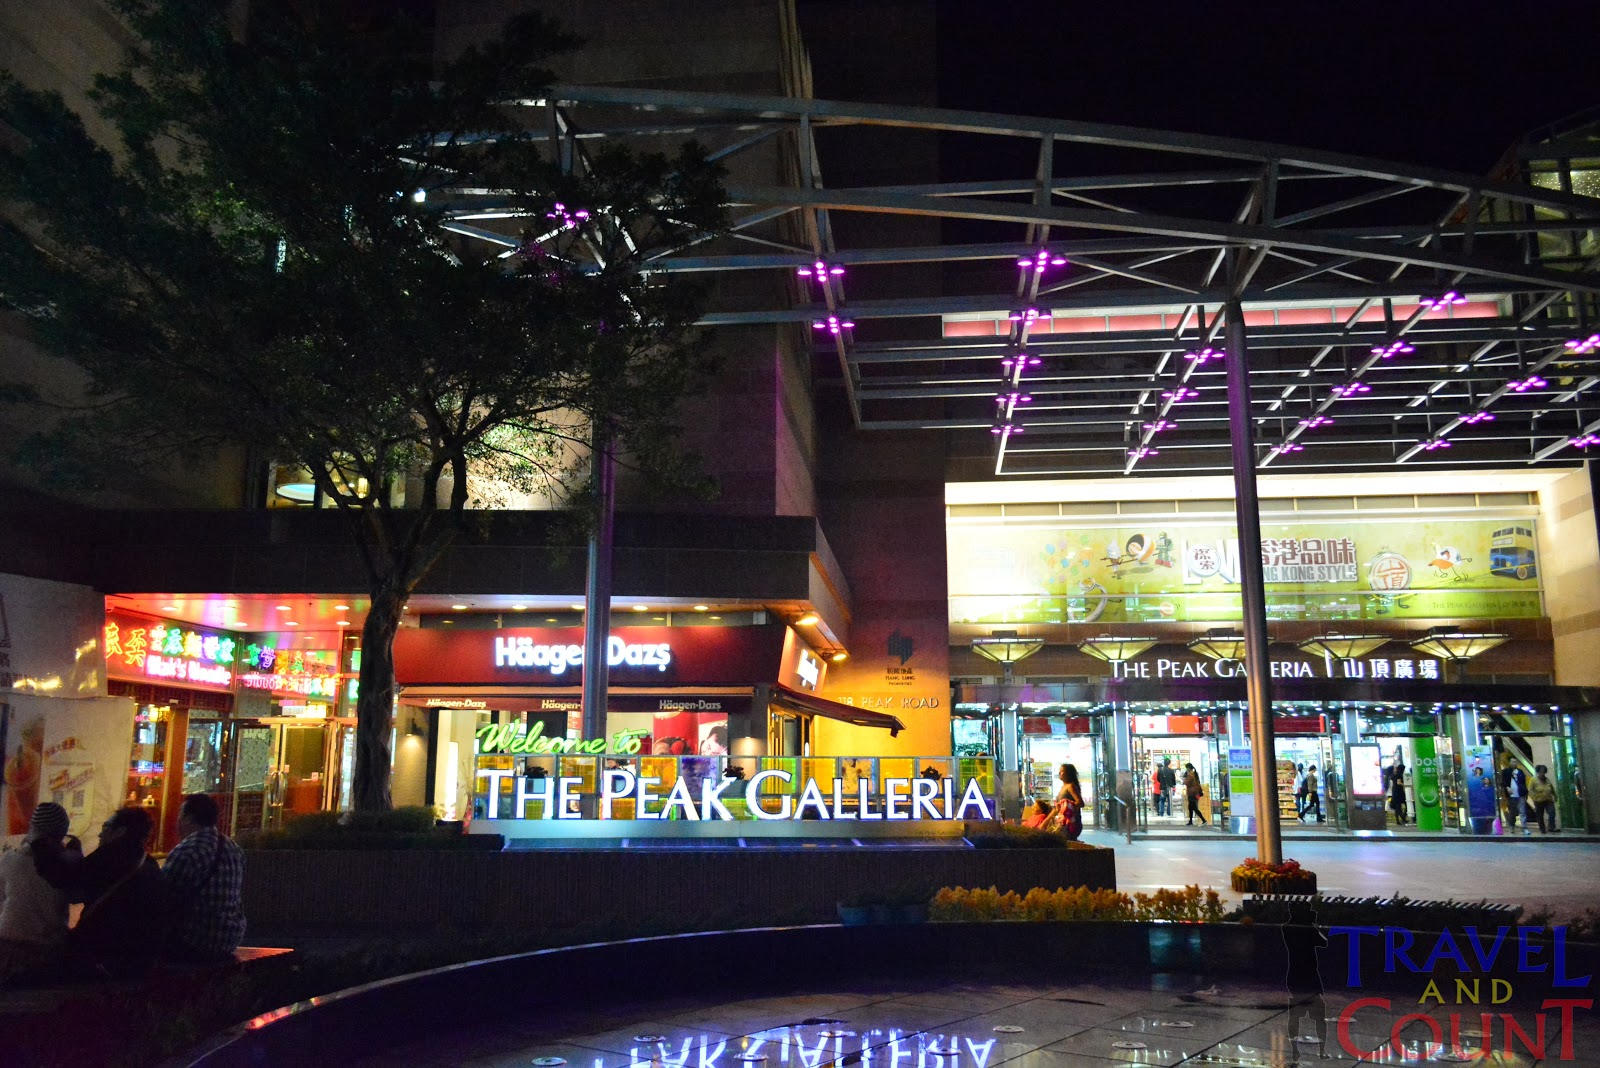 The Peak Galleria Hong Kong